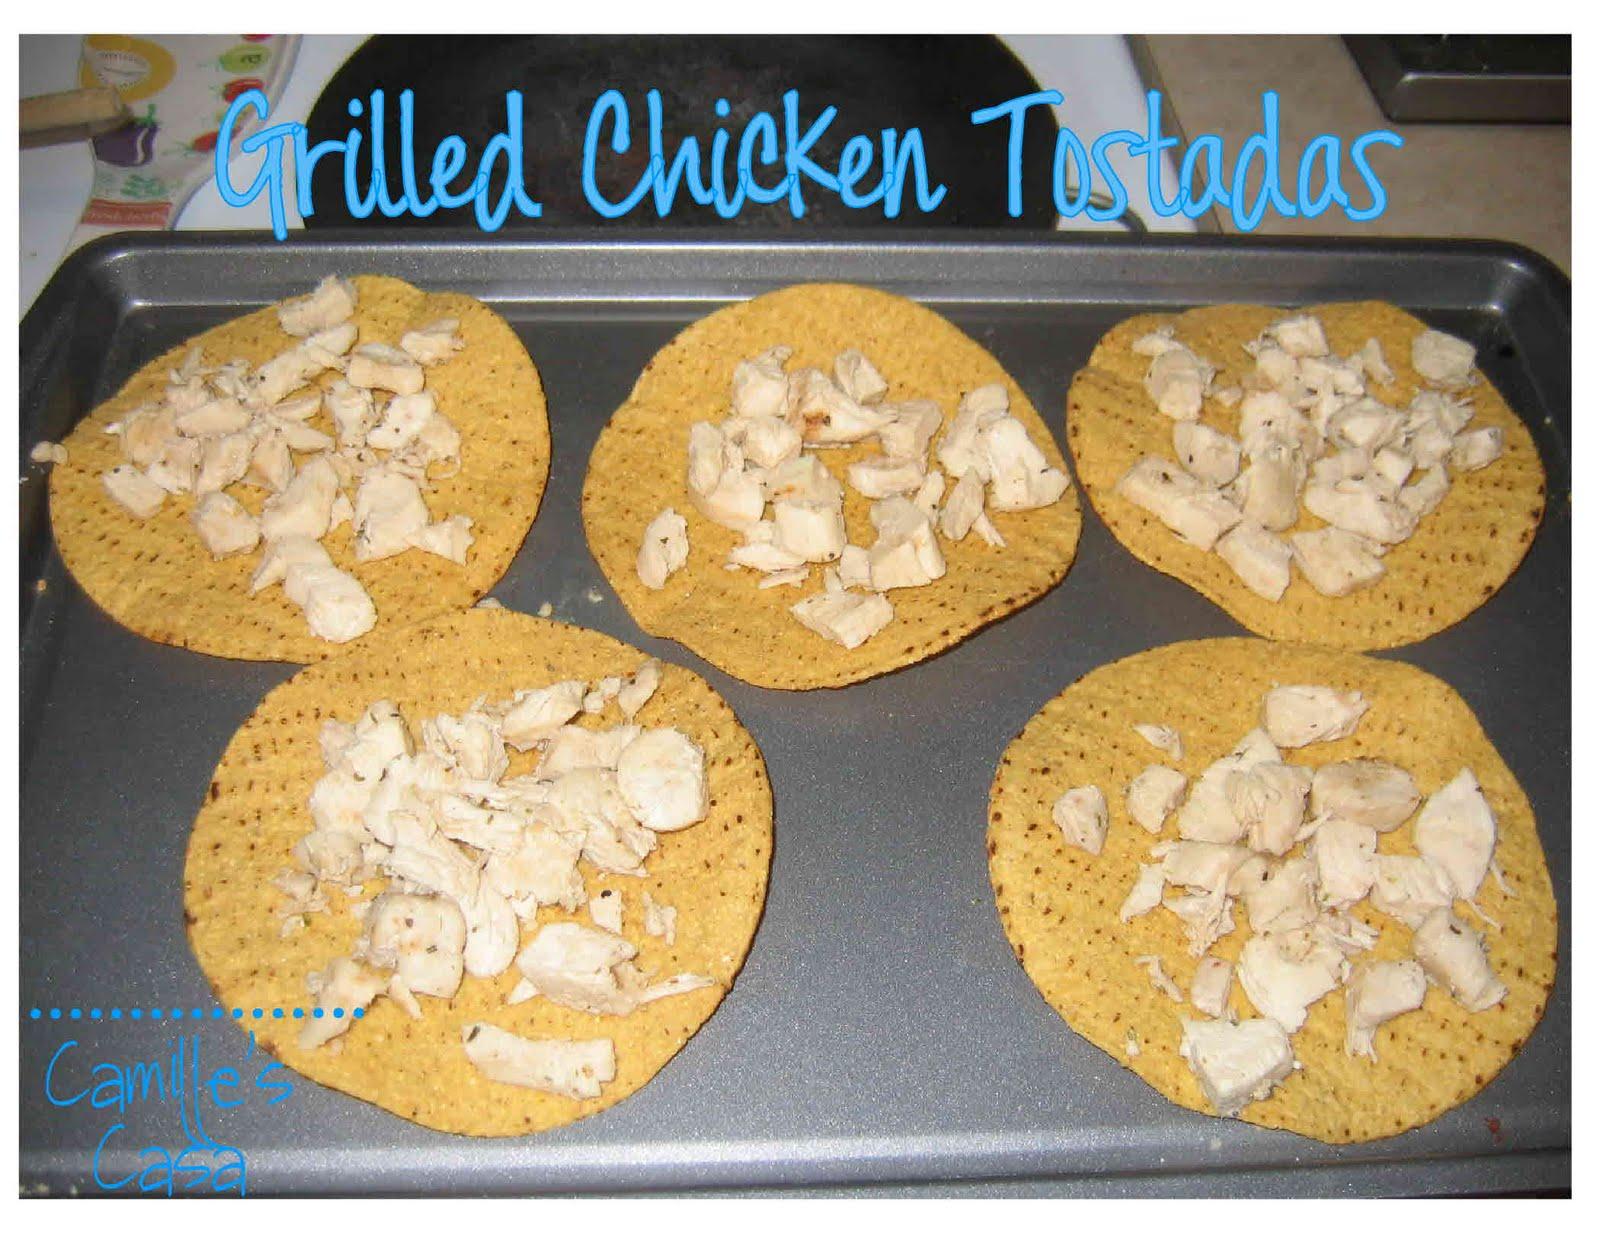 Camille's Casa: Grilled Chicken Tostadas